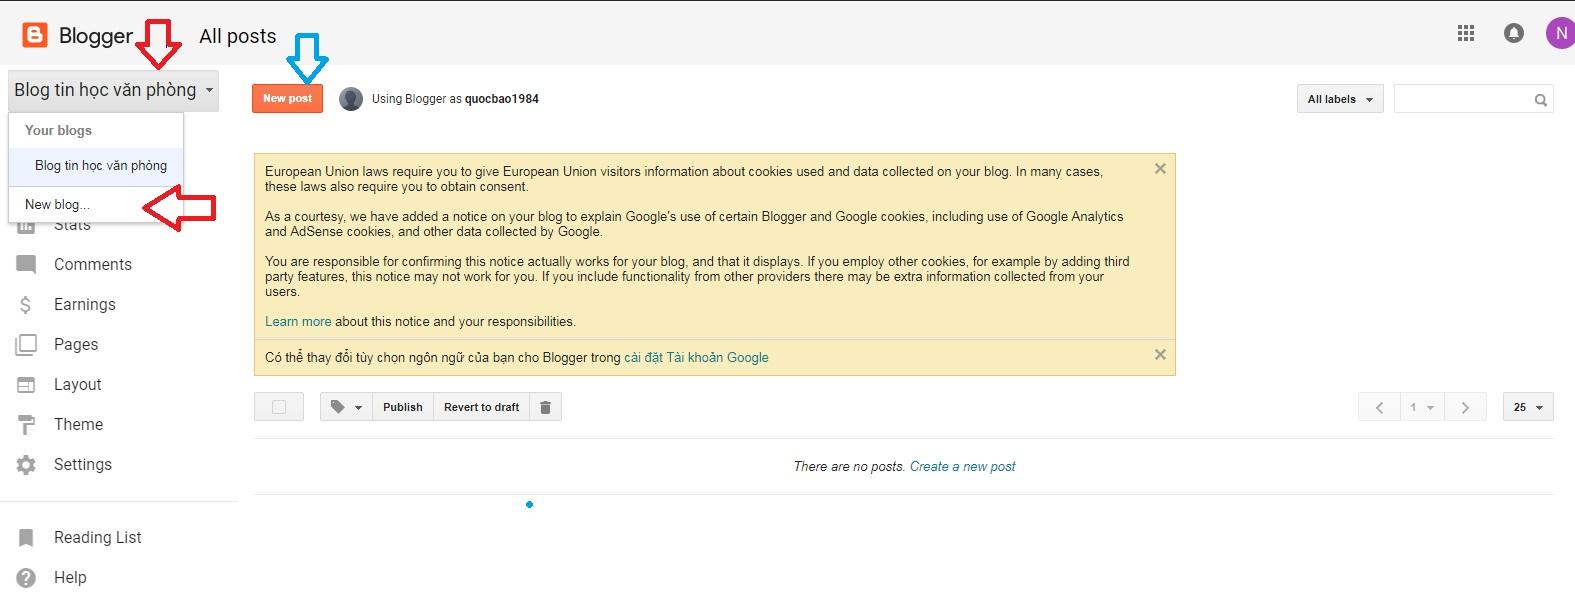 Trang quản trị Blog cá nhân của bạn